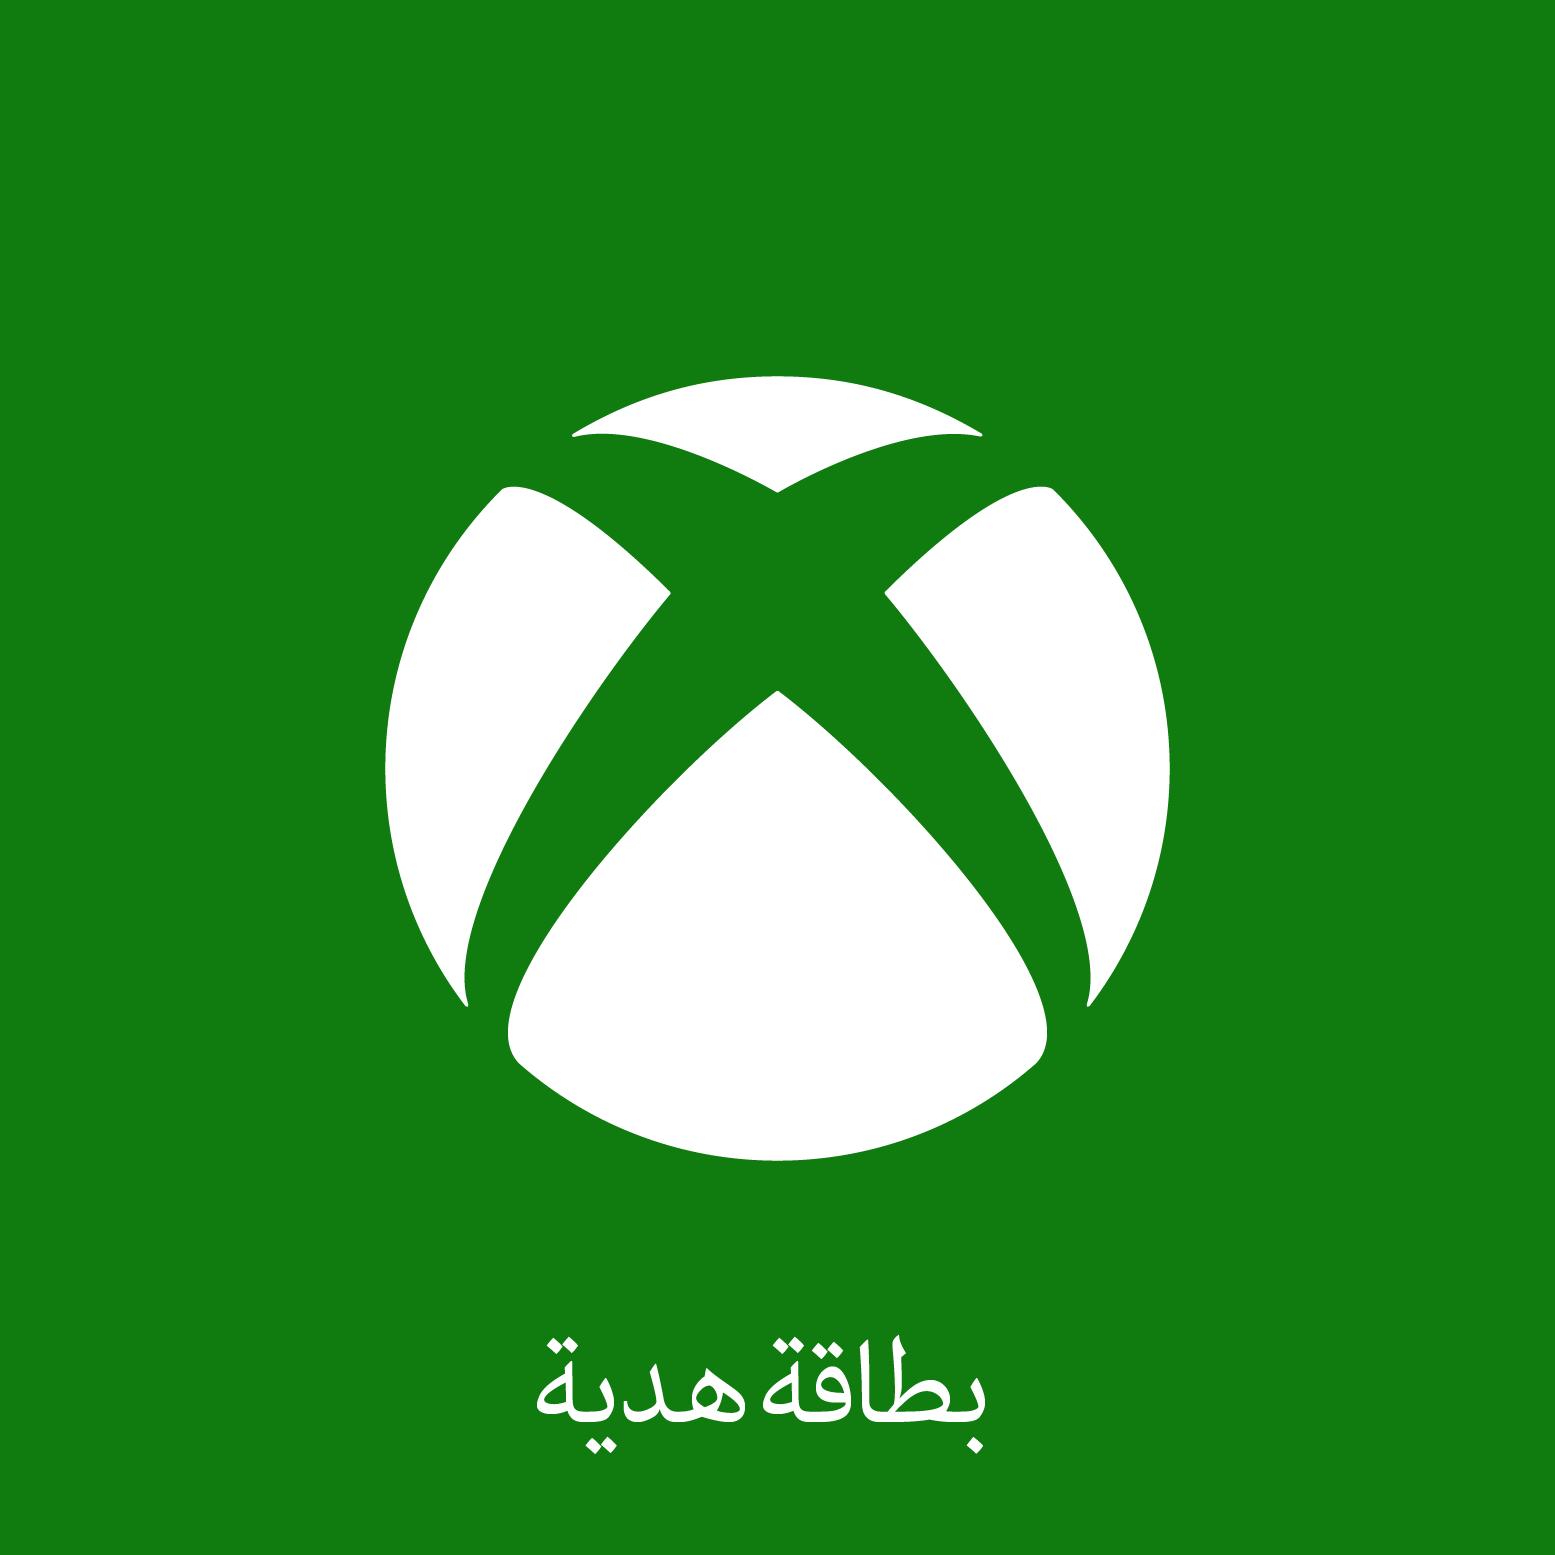 ر.س.50.00 بطاقة هدايا Xbox الرقمية